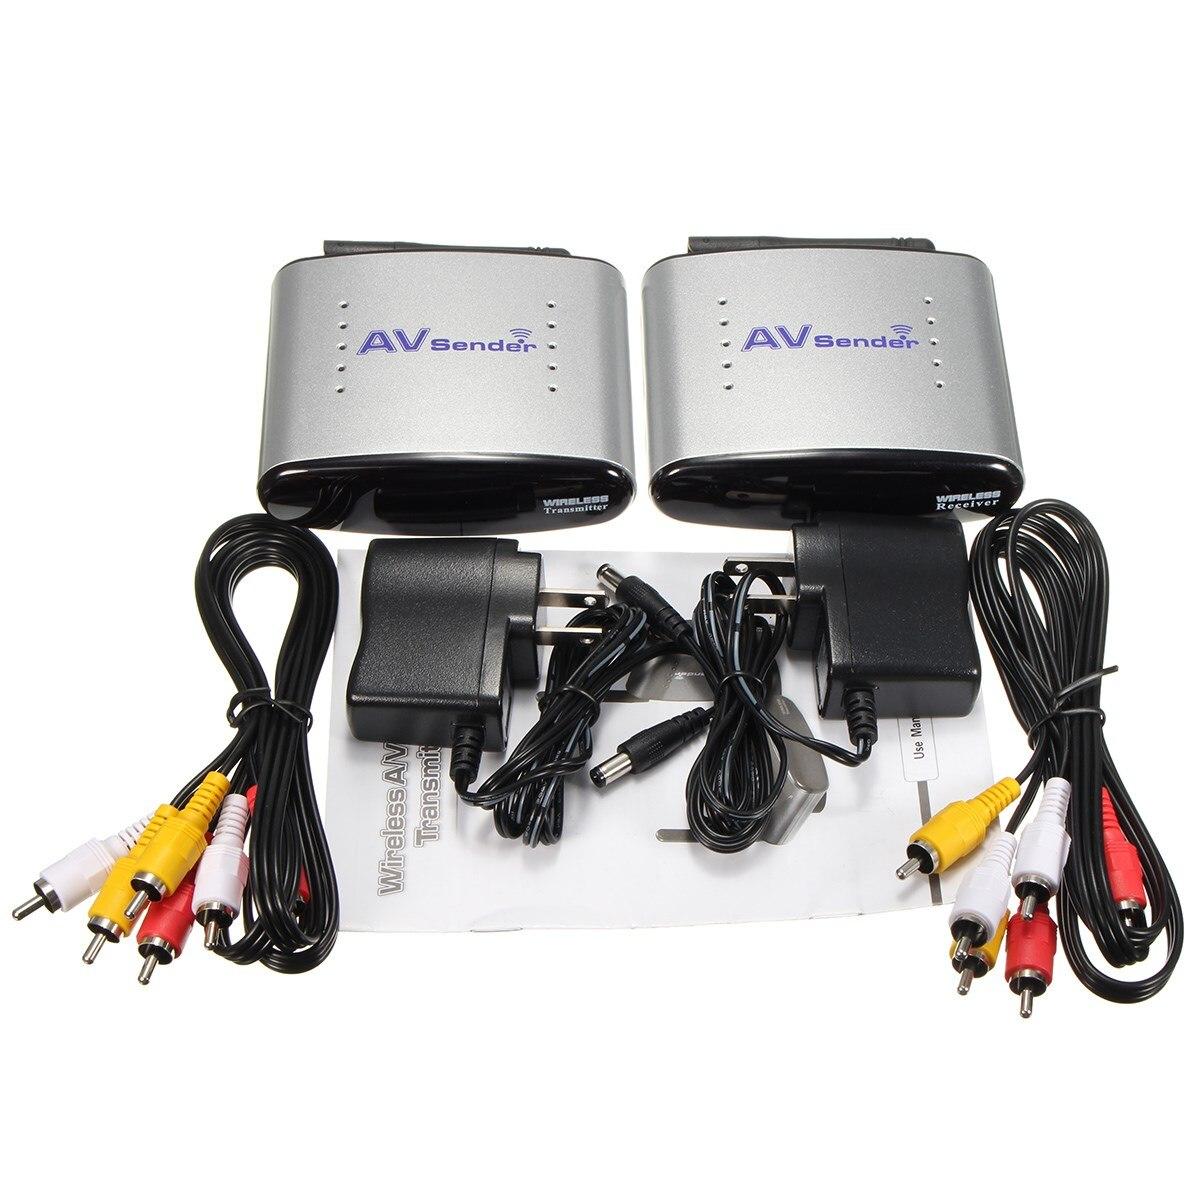 Excellent Quality 2.4GHz Wireless AV Sender TV Audio Video Transmitter Receiver New 800mw video transmitter av audio